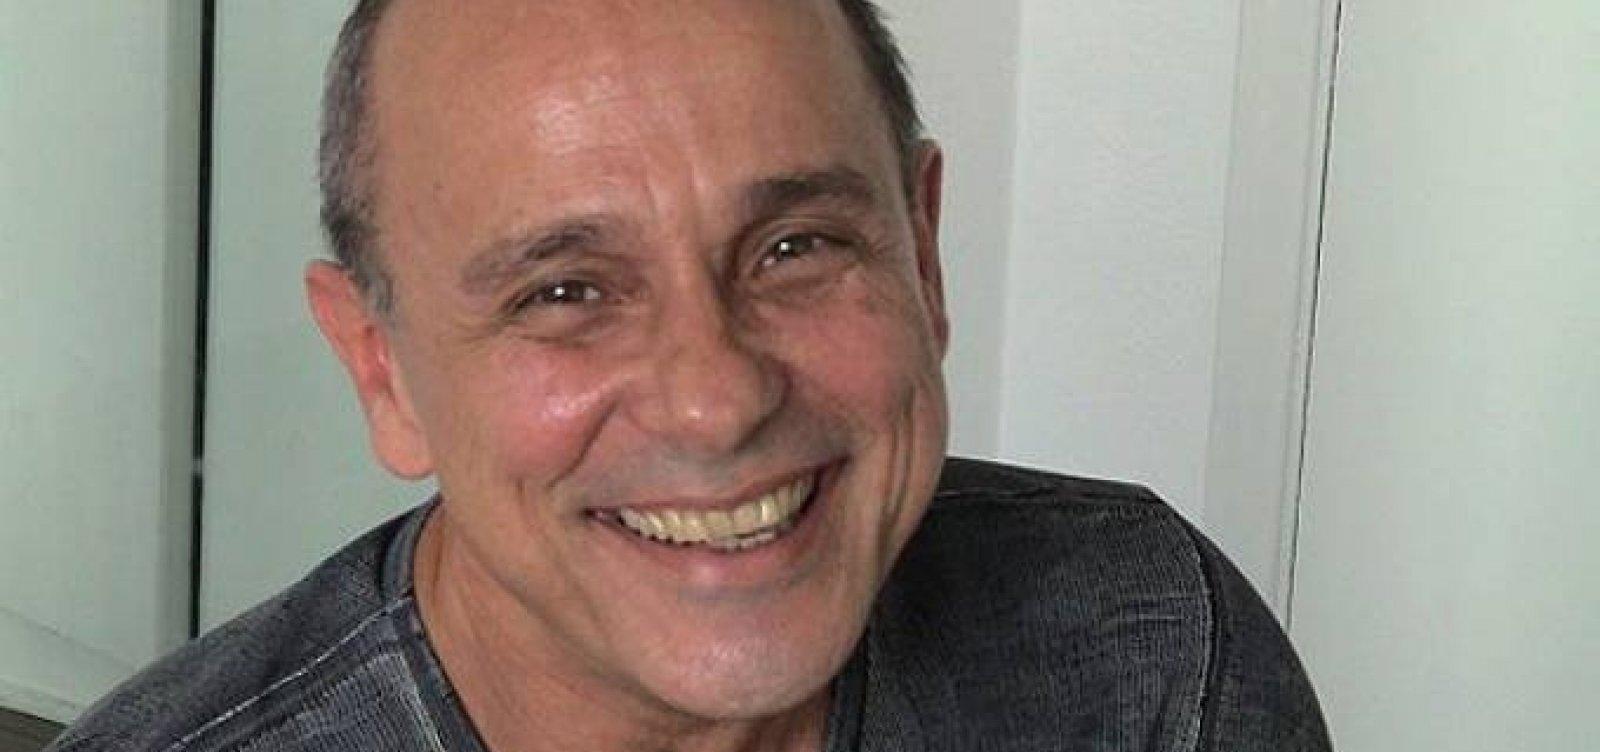 Francisco Medeiros, diretor de teatro e dança, morre aos 71 anos